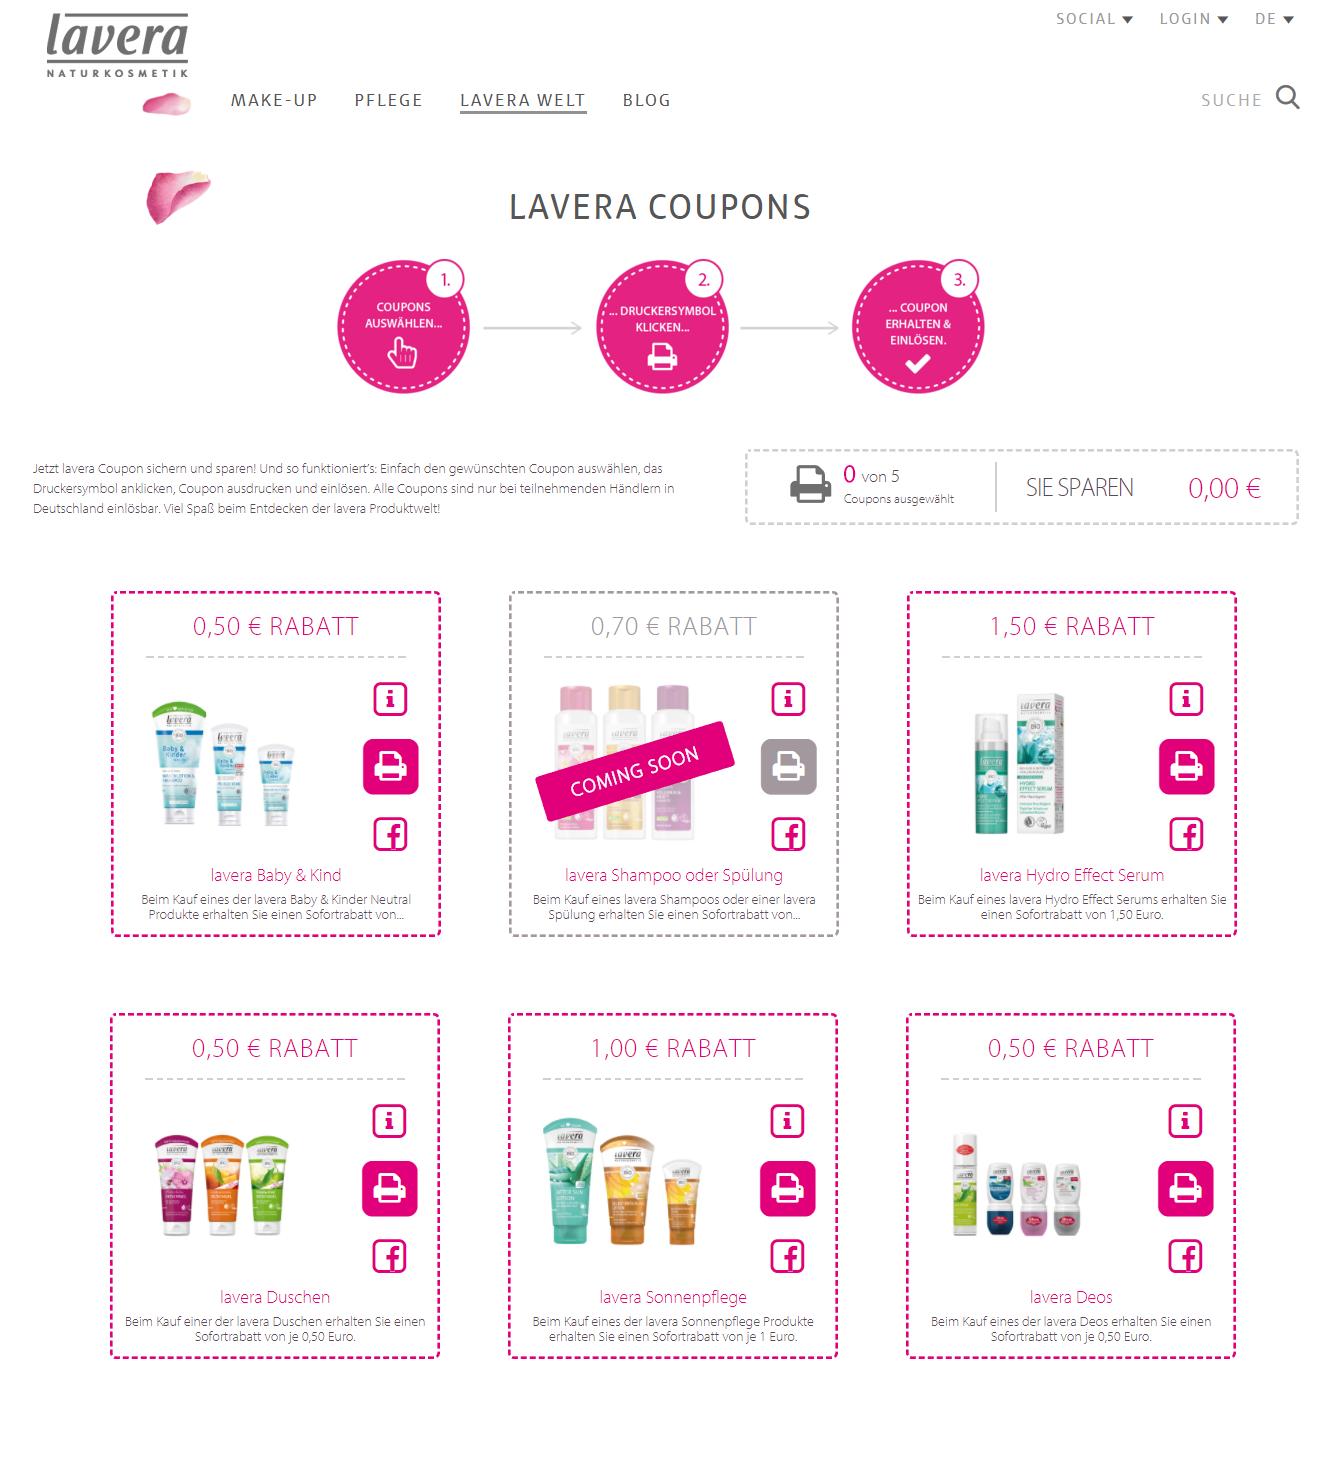 5 neue Lavera Coupons (0,50€-1,50€) zum Ausdrucken bis 31.07./31.08./30.09.2017 [bundesweit] + coming soon